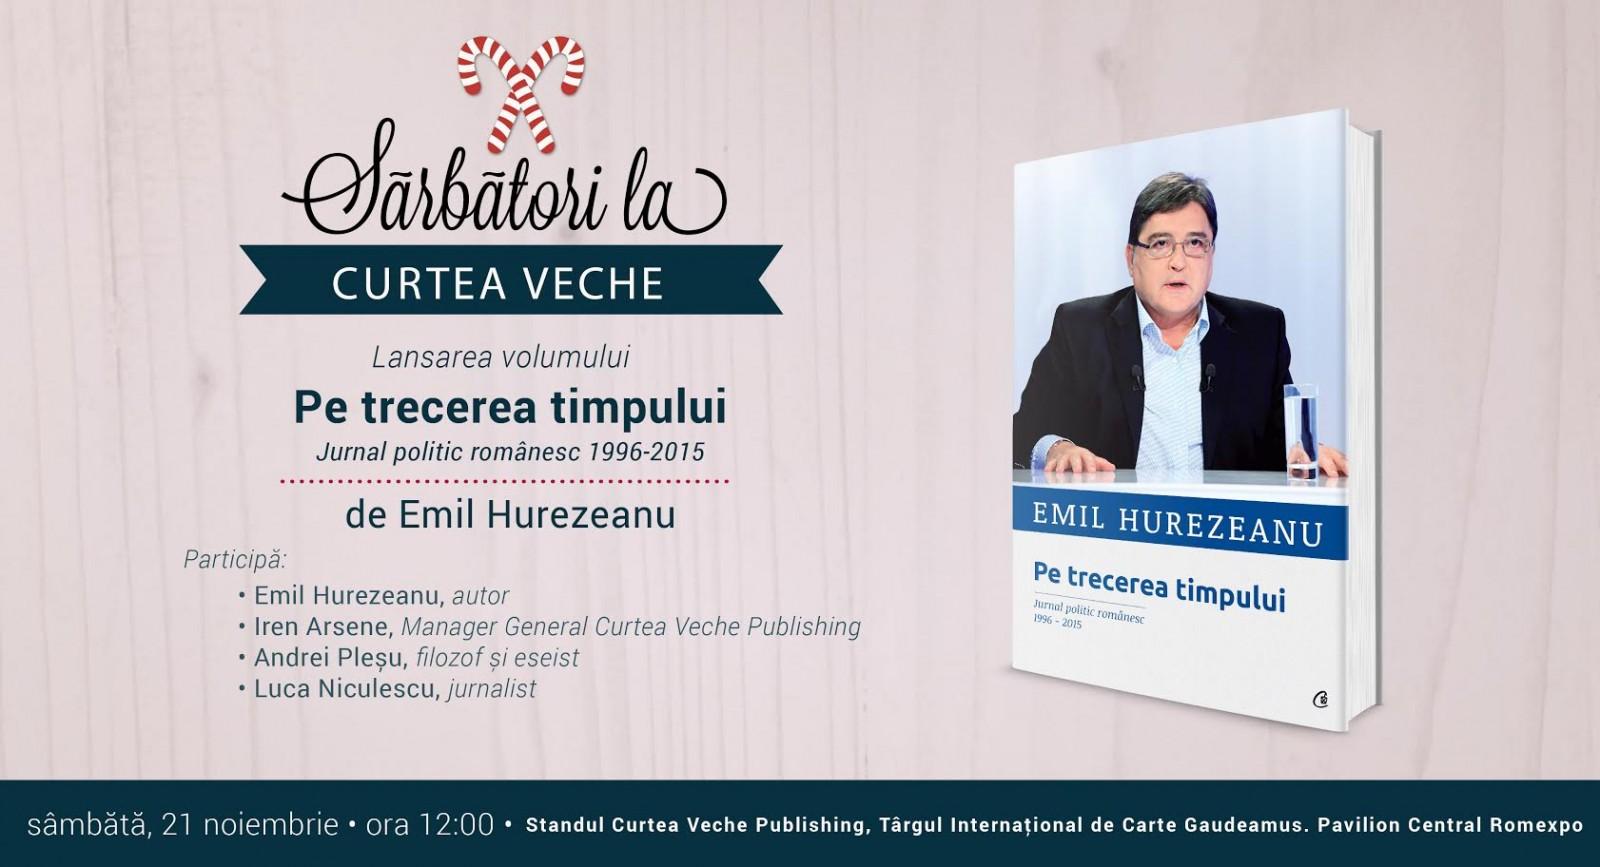 """Emil Hurezeanu lansează la Gaudeamus volumul """"Pe trecerea timpului. Jurnal politic românesc 1996-2015"""""""